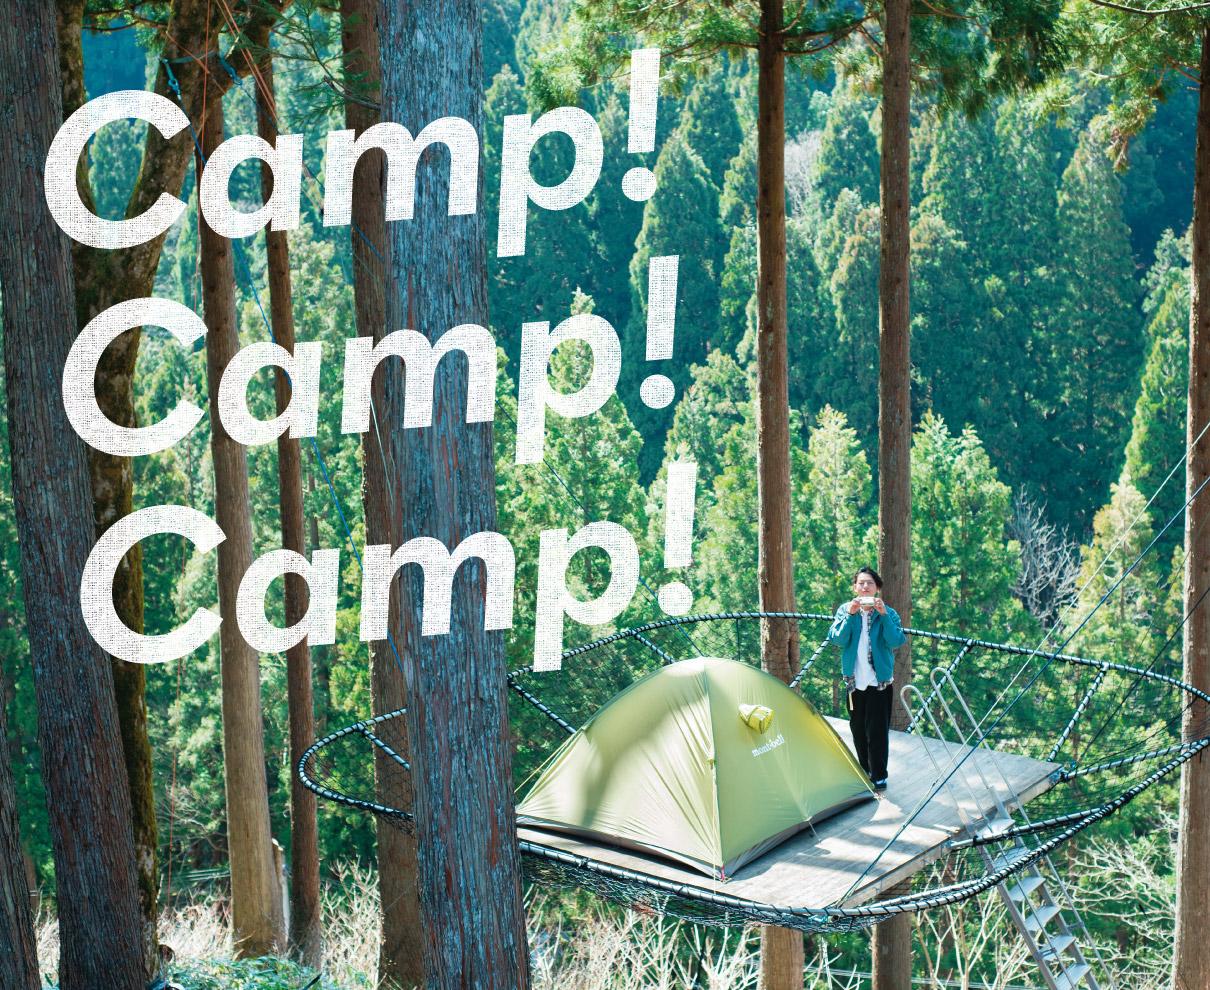 月刊ウララ5月号特集より『実際どうなの? イマドキ、アウトドア事情。はじめてのキャンプ。』